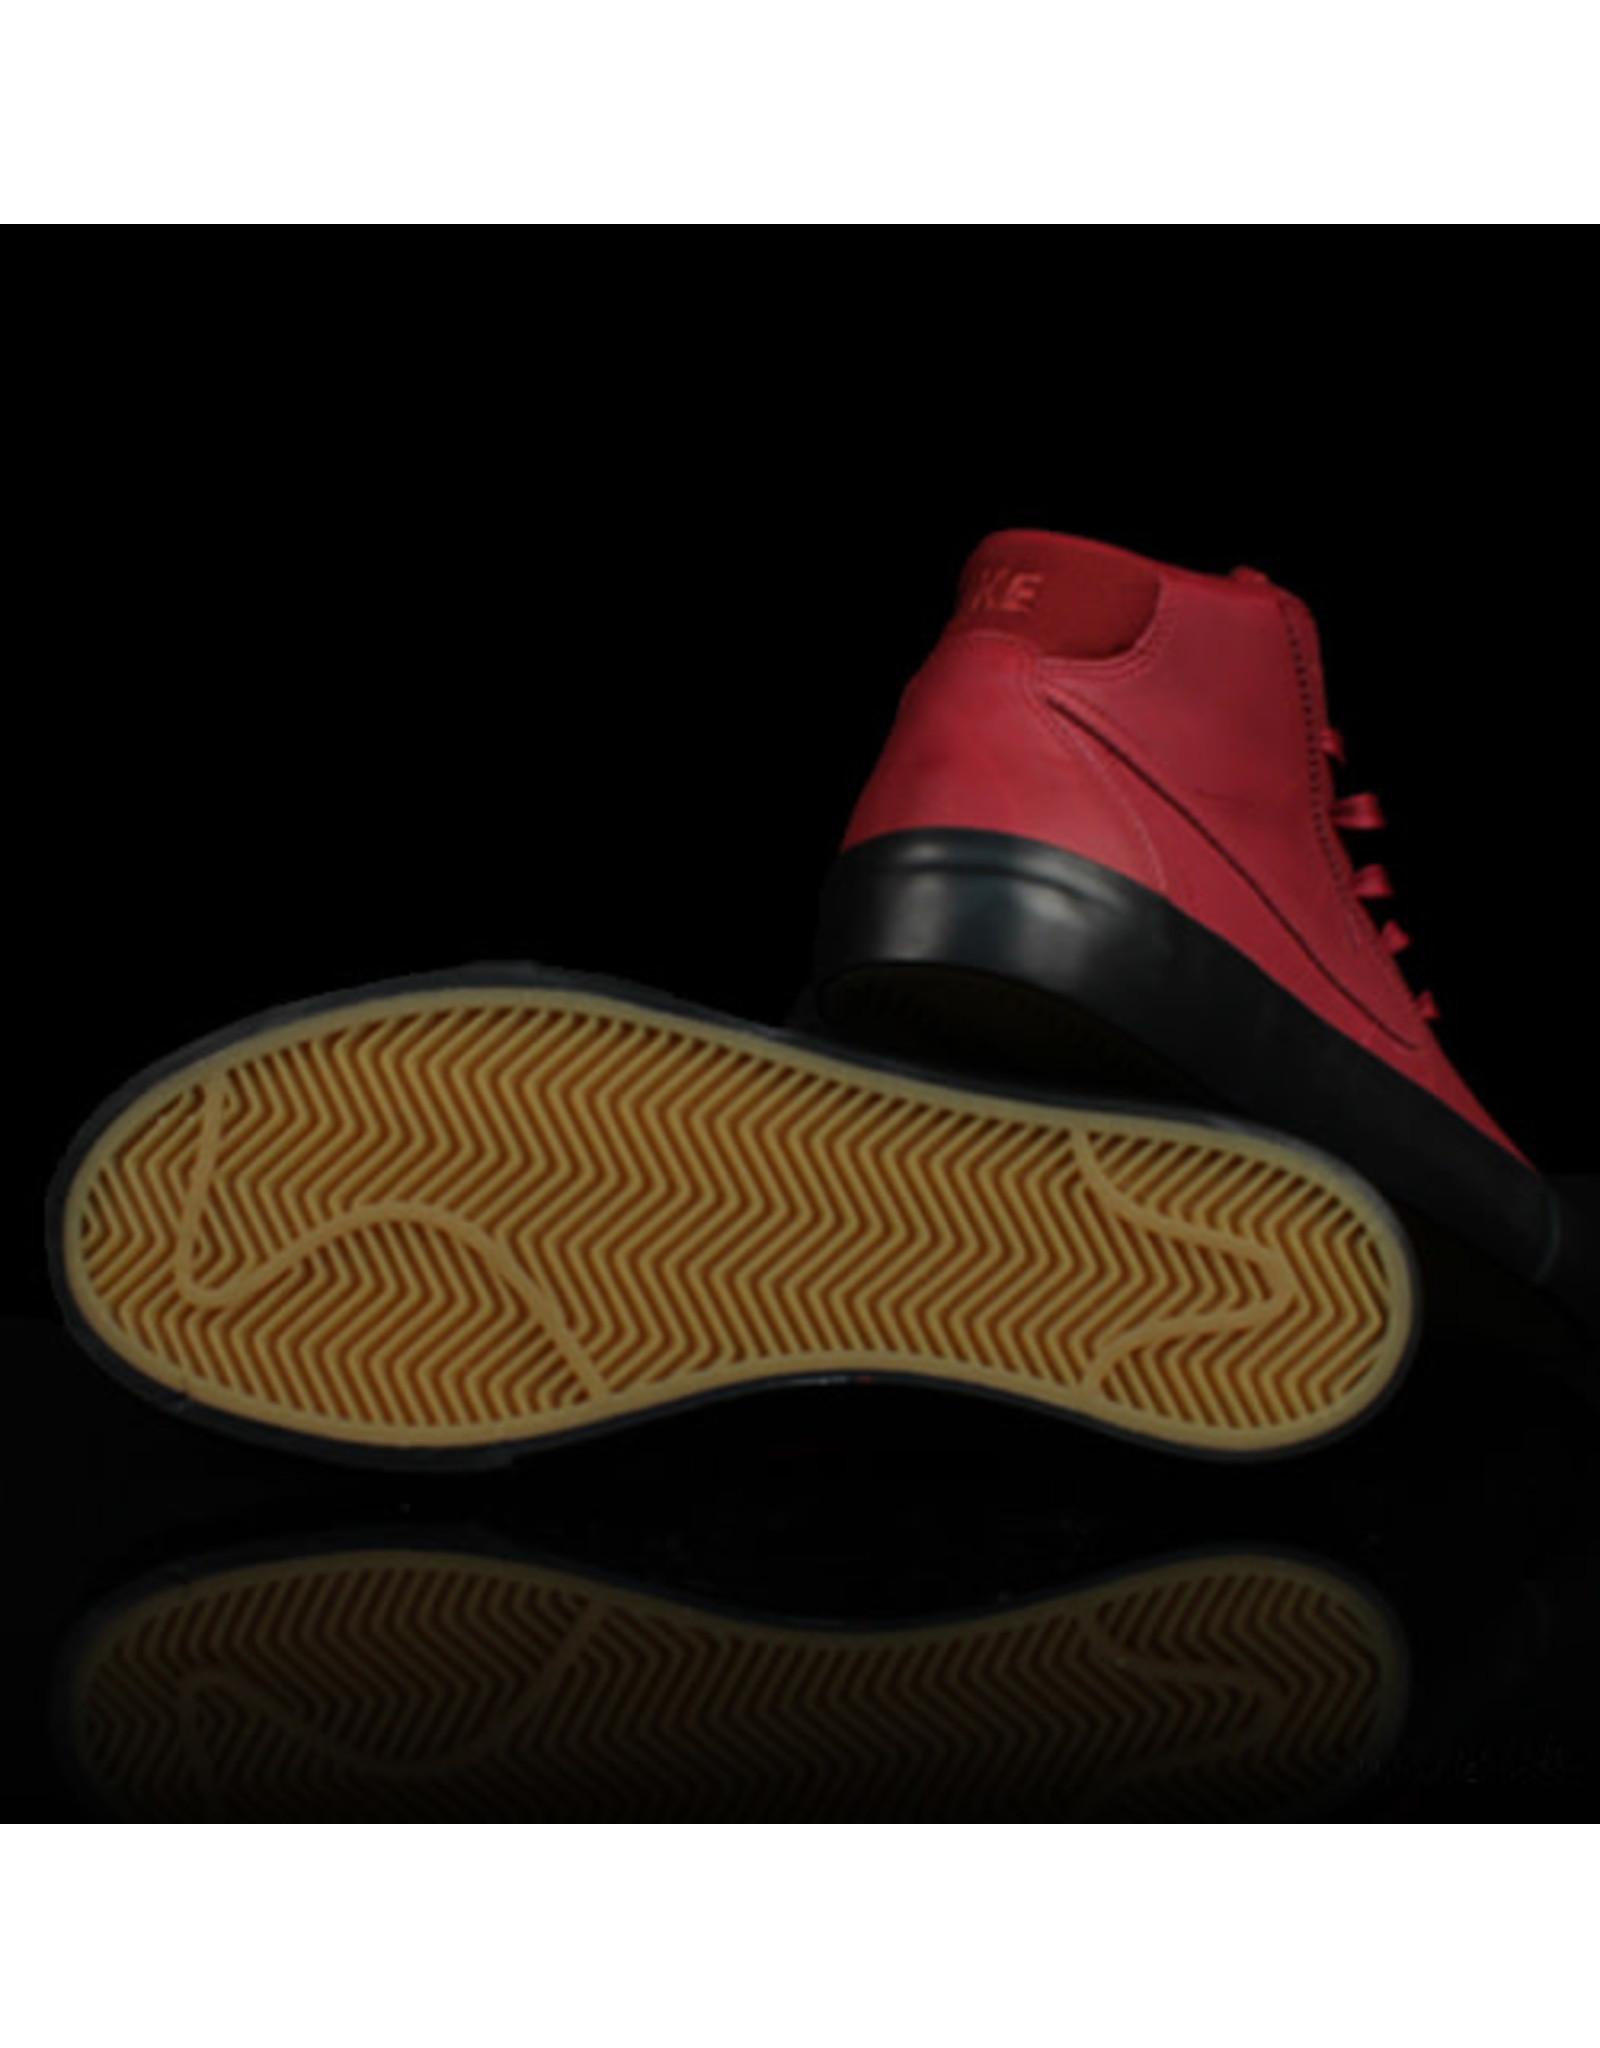 Nike Nike SB Bruin Hi Red Maroon Black